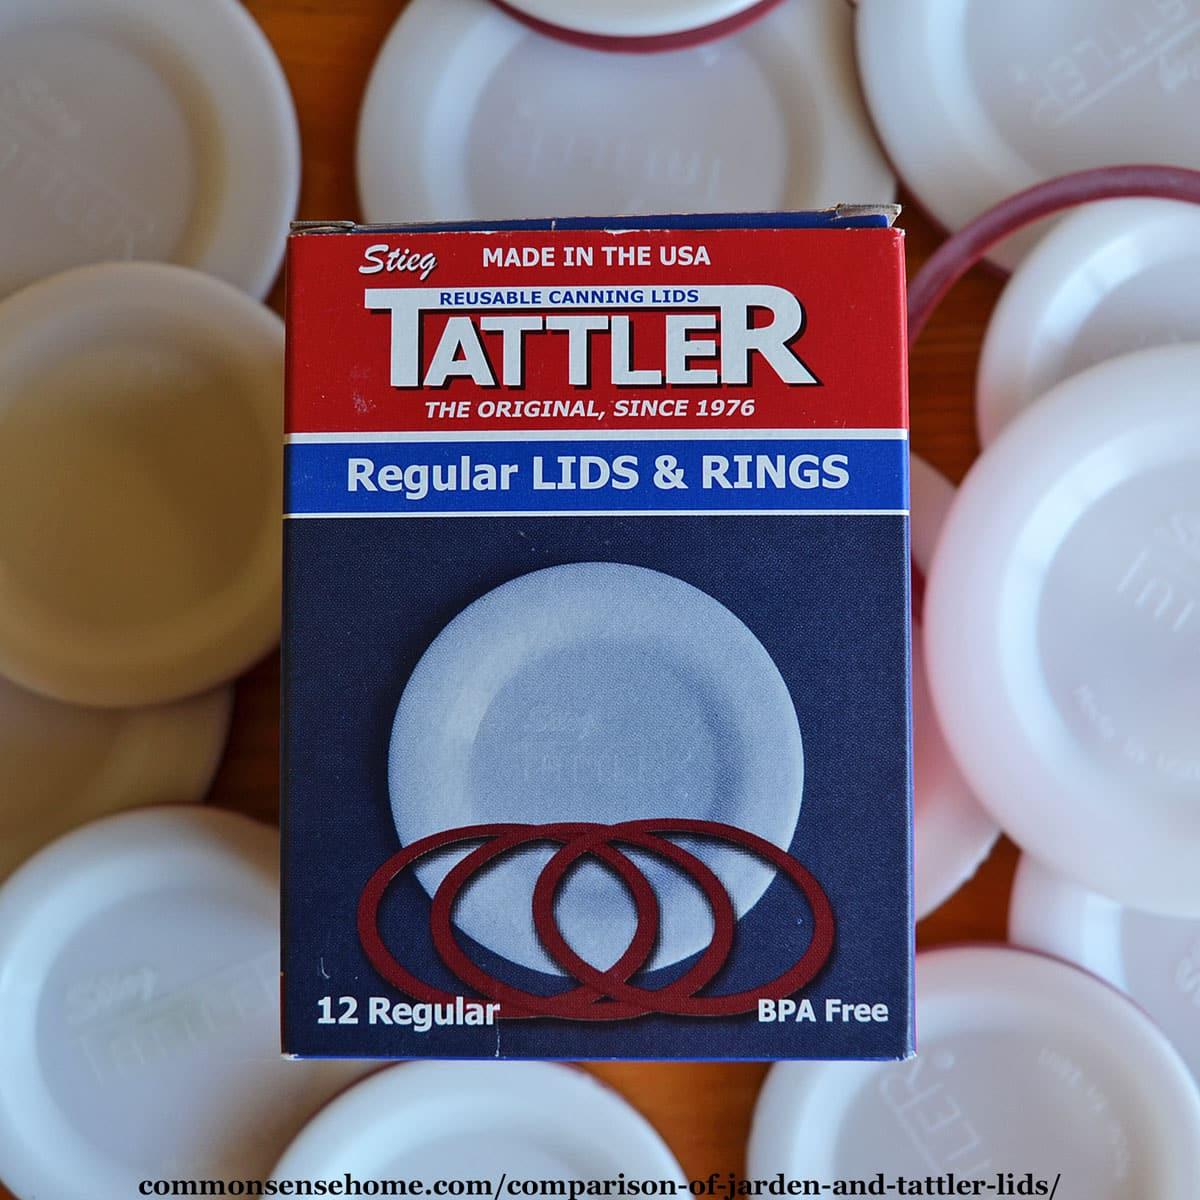 Tattler Lids - Reusable Canning Lids